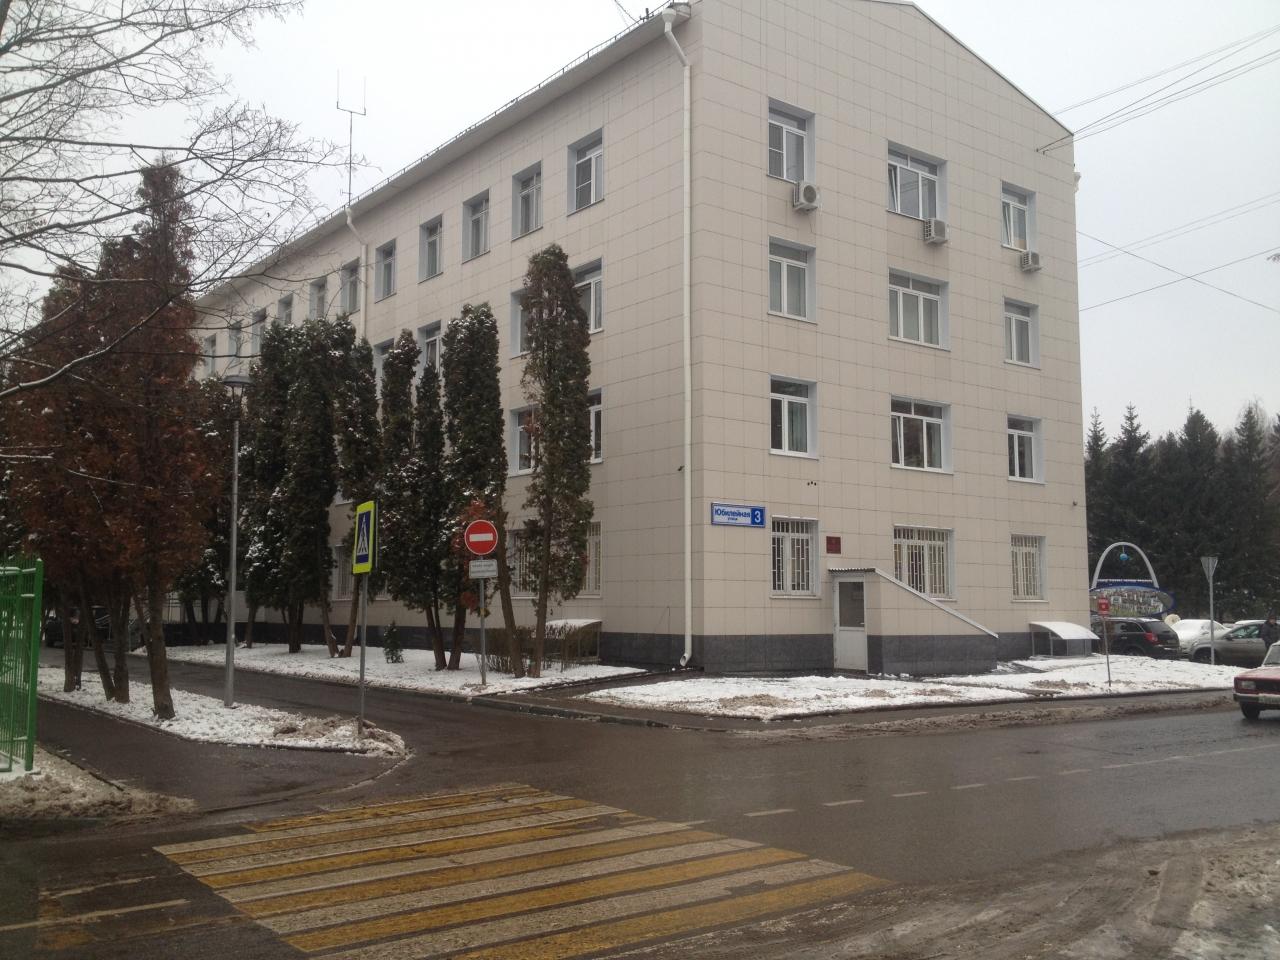 Справка от педиатра Юбилейная улица (город Троицк) первичный больничный лист в зарплата и